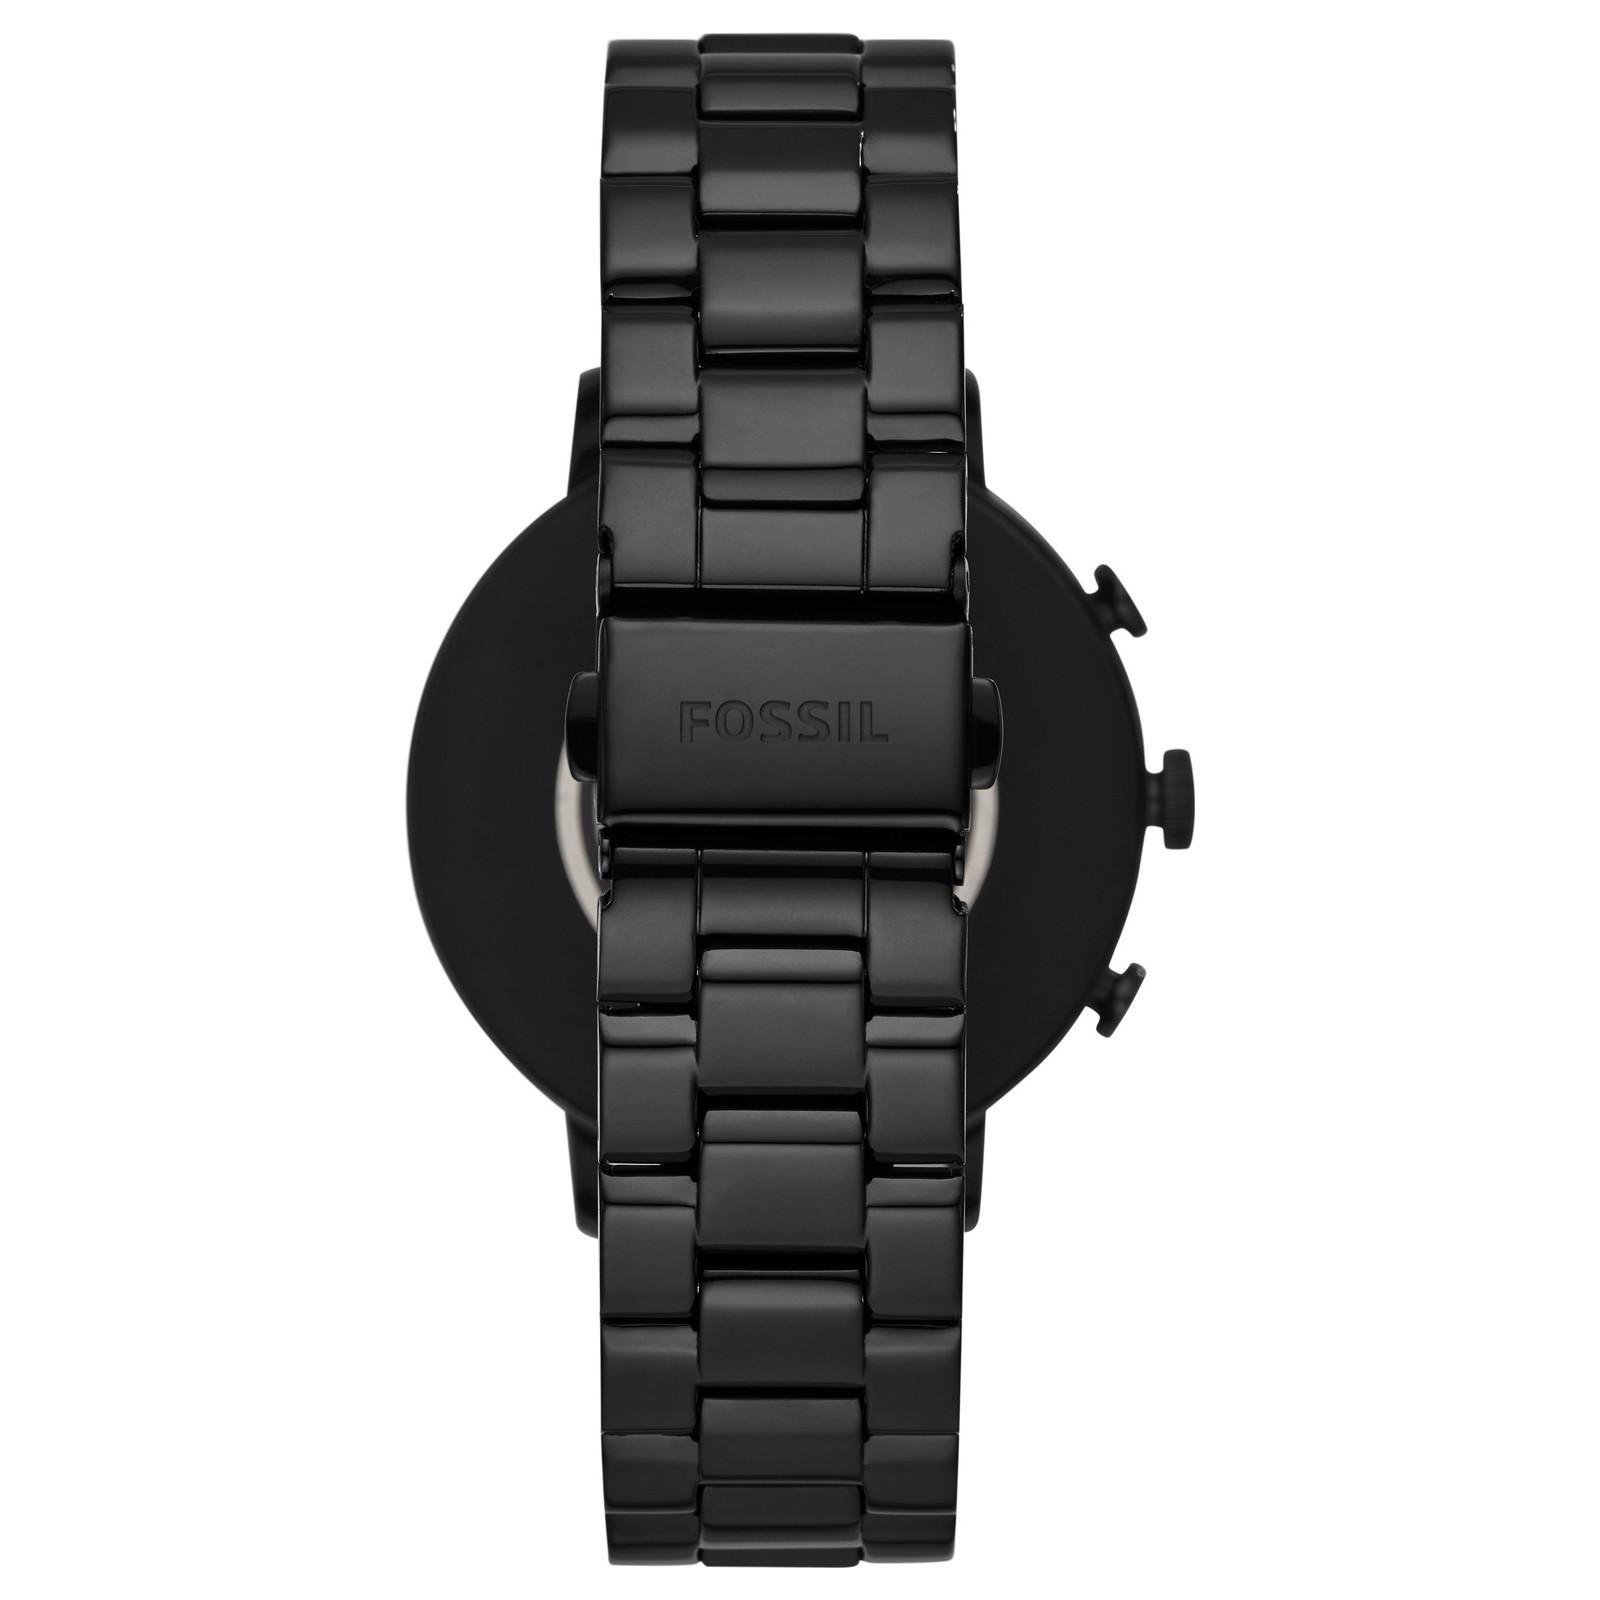 4e4b0346 Fossil FTW6023 купить | Оригинальные наручные часы Fossil Q VENTURE ...